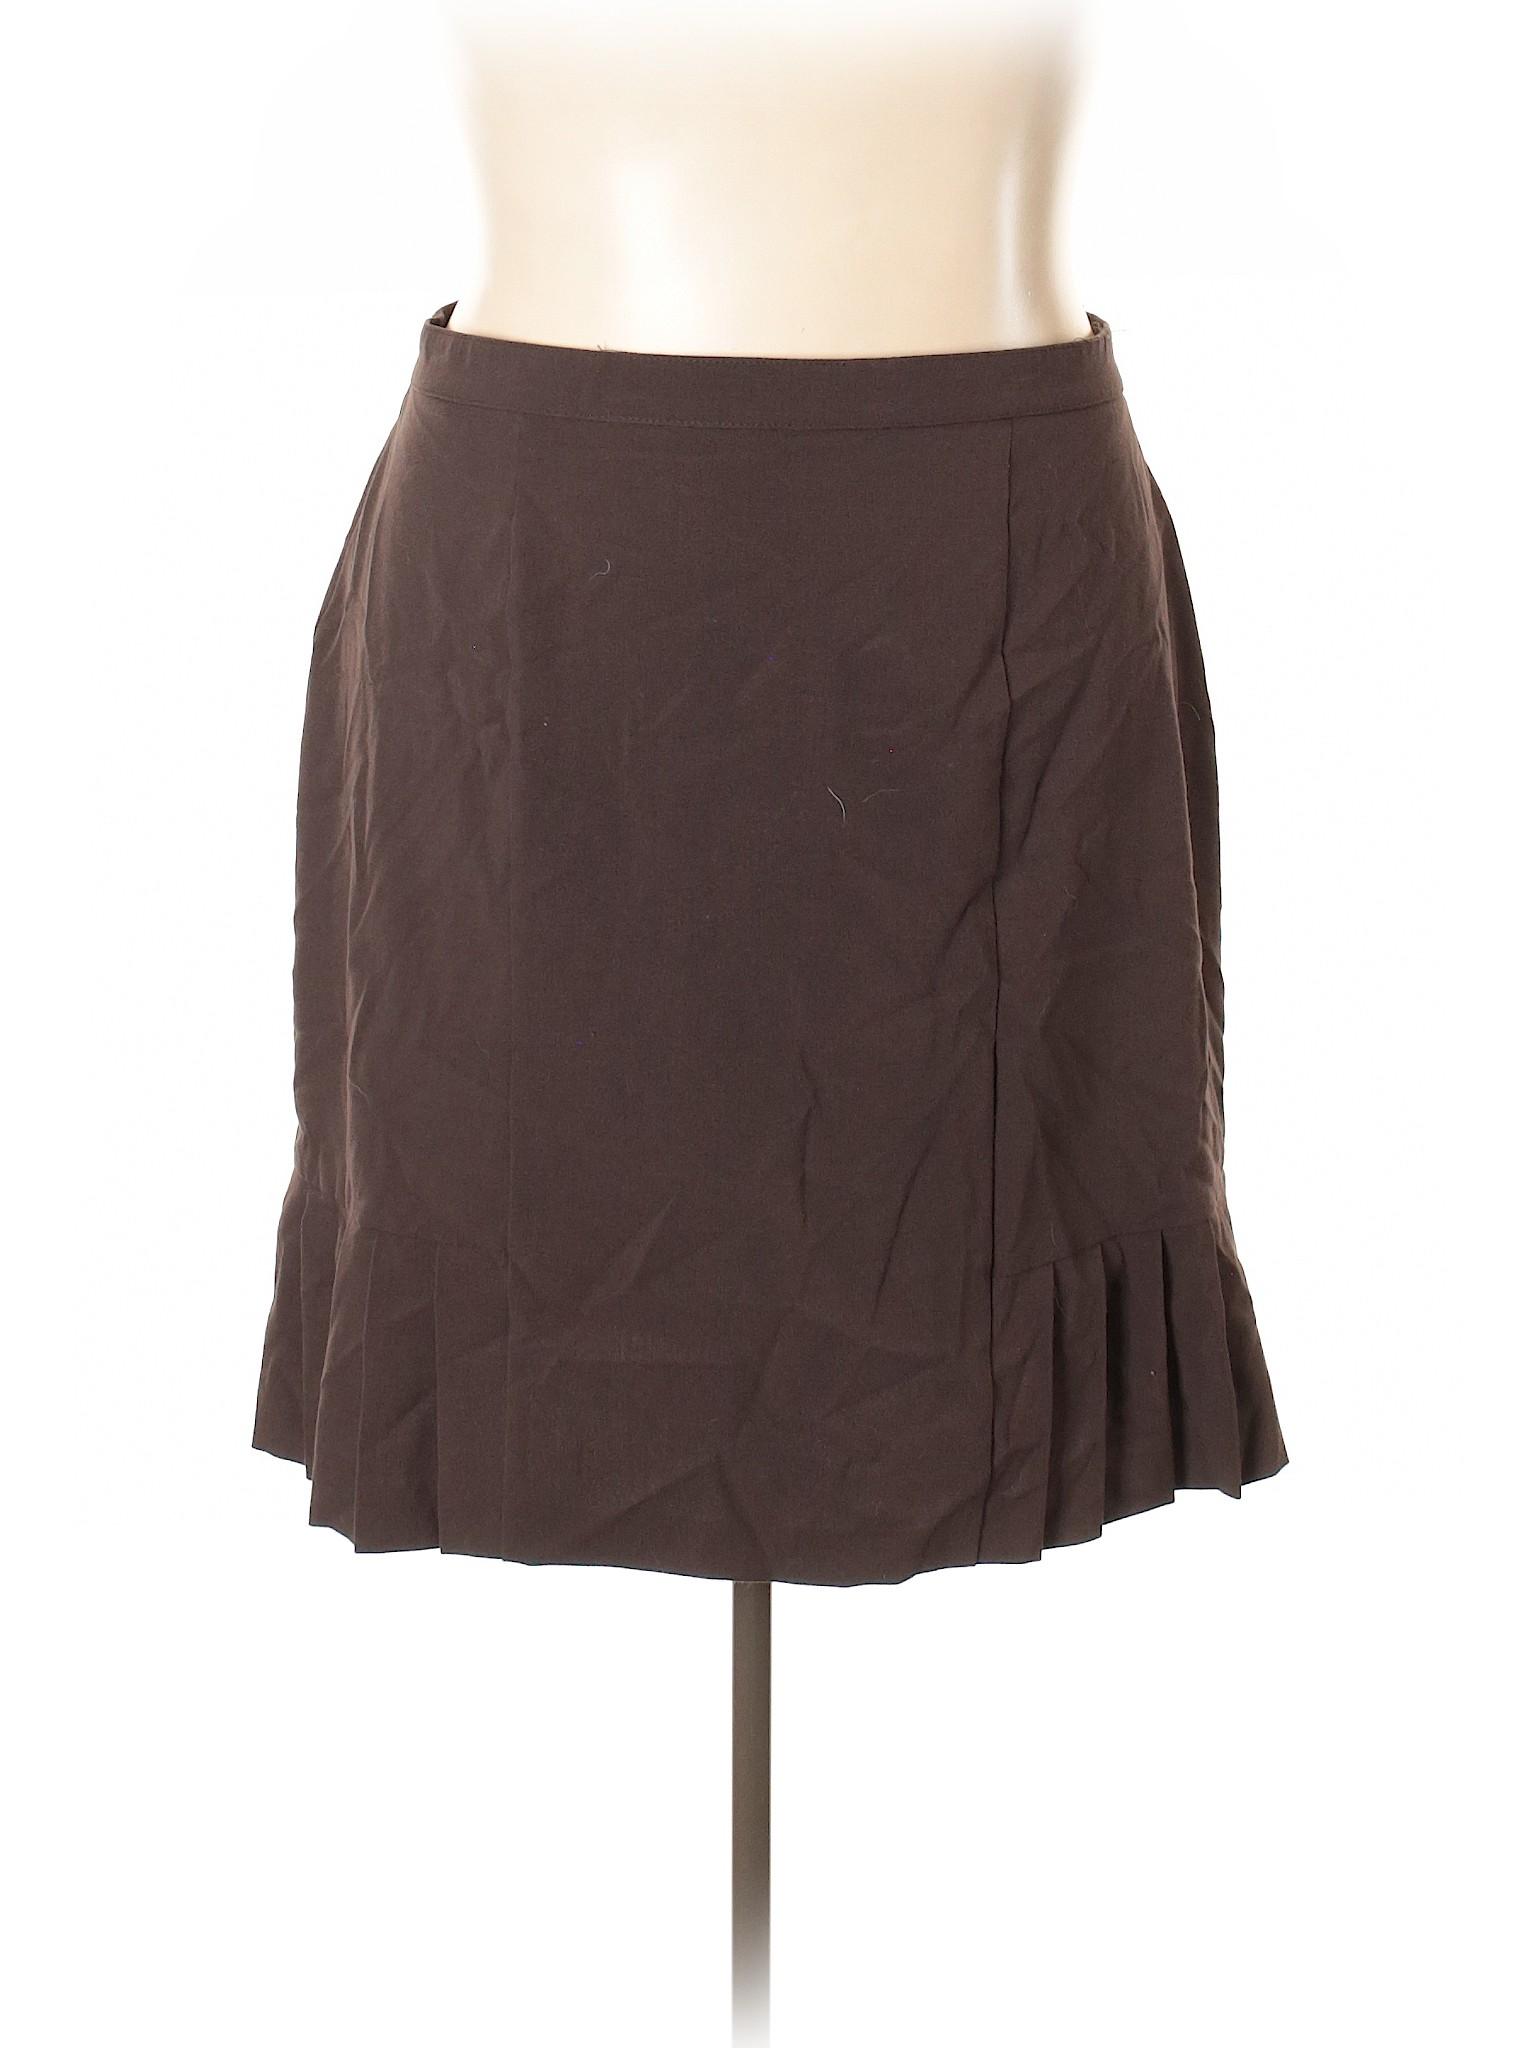 Boutique Casual Skirt Casual Boutique Casual Skirt Boutique BqXFwU5